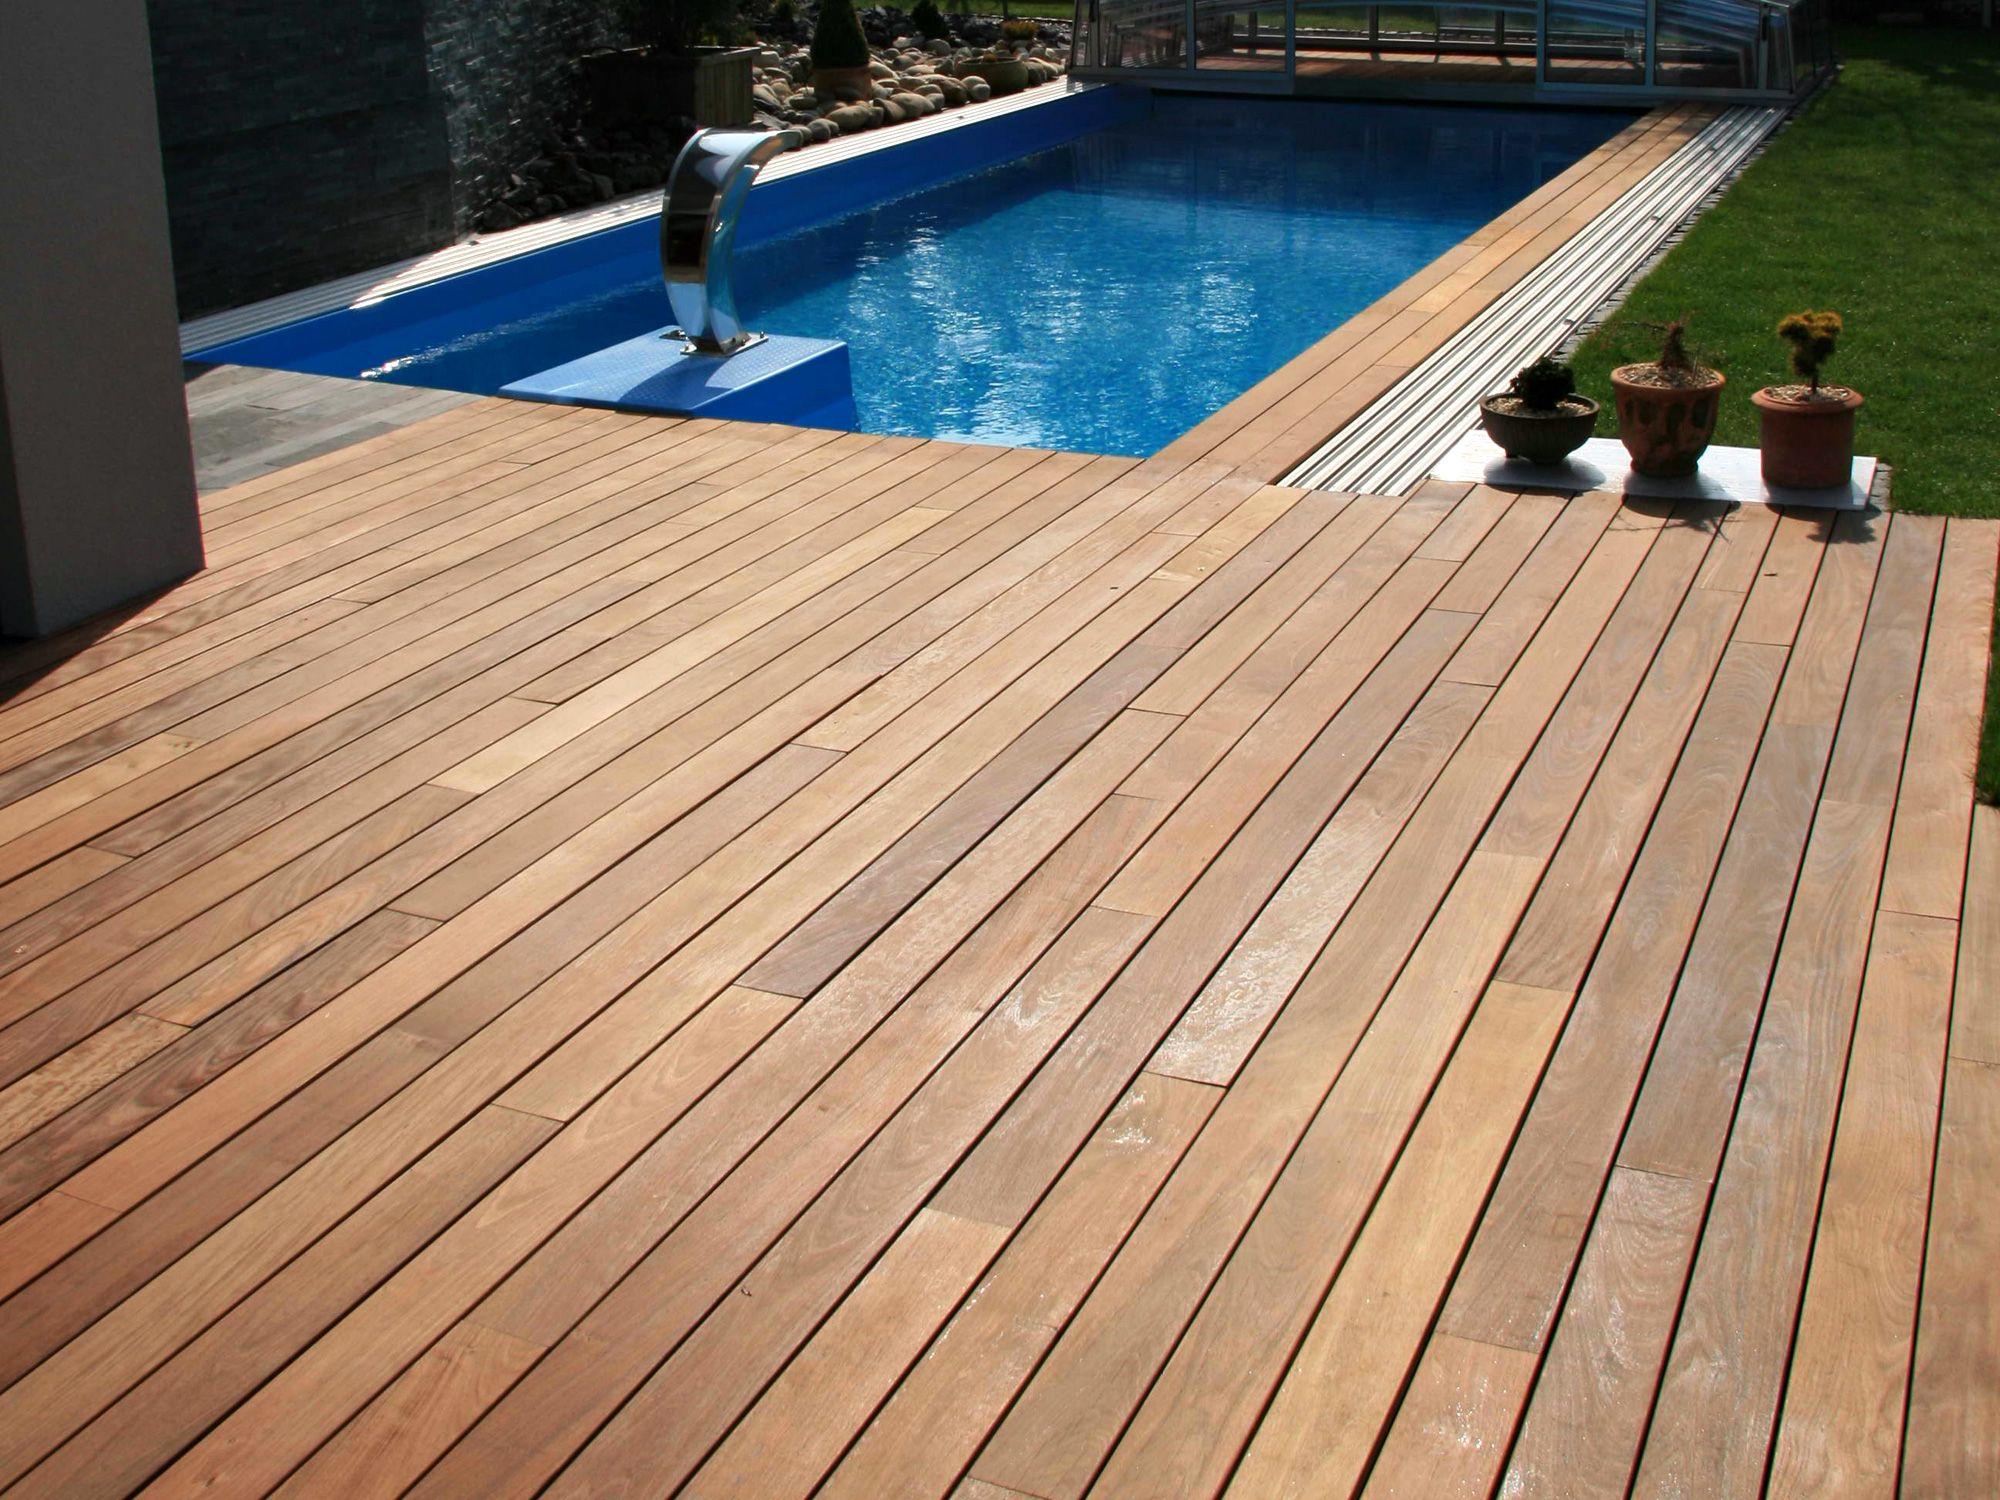 Terrasse und pool umrandung aus ipe terrassendielen von - Ideen poolumrandung ...